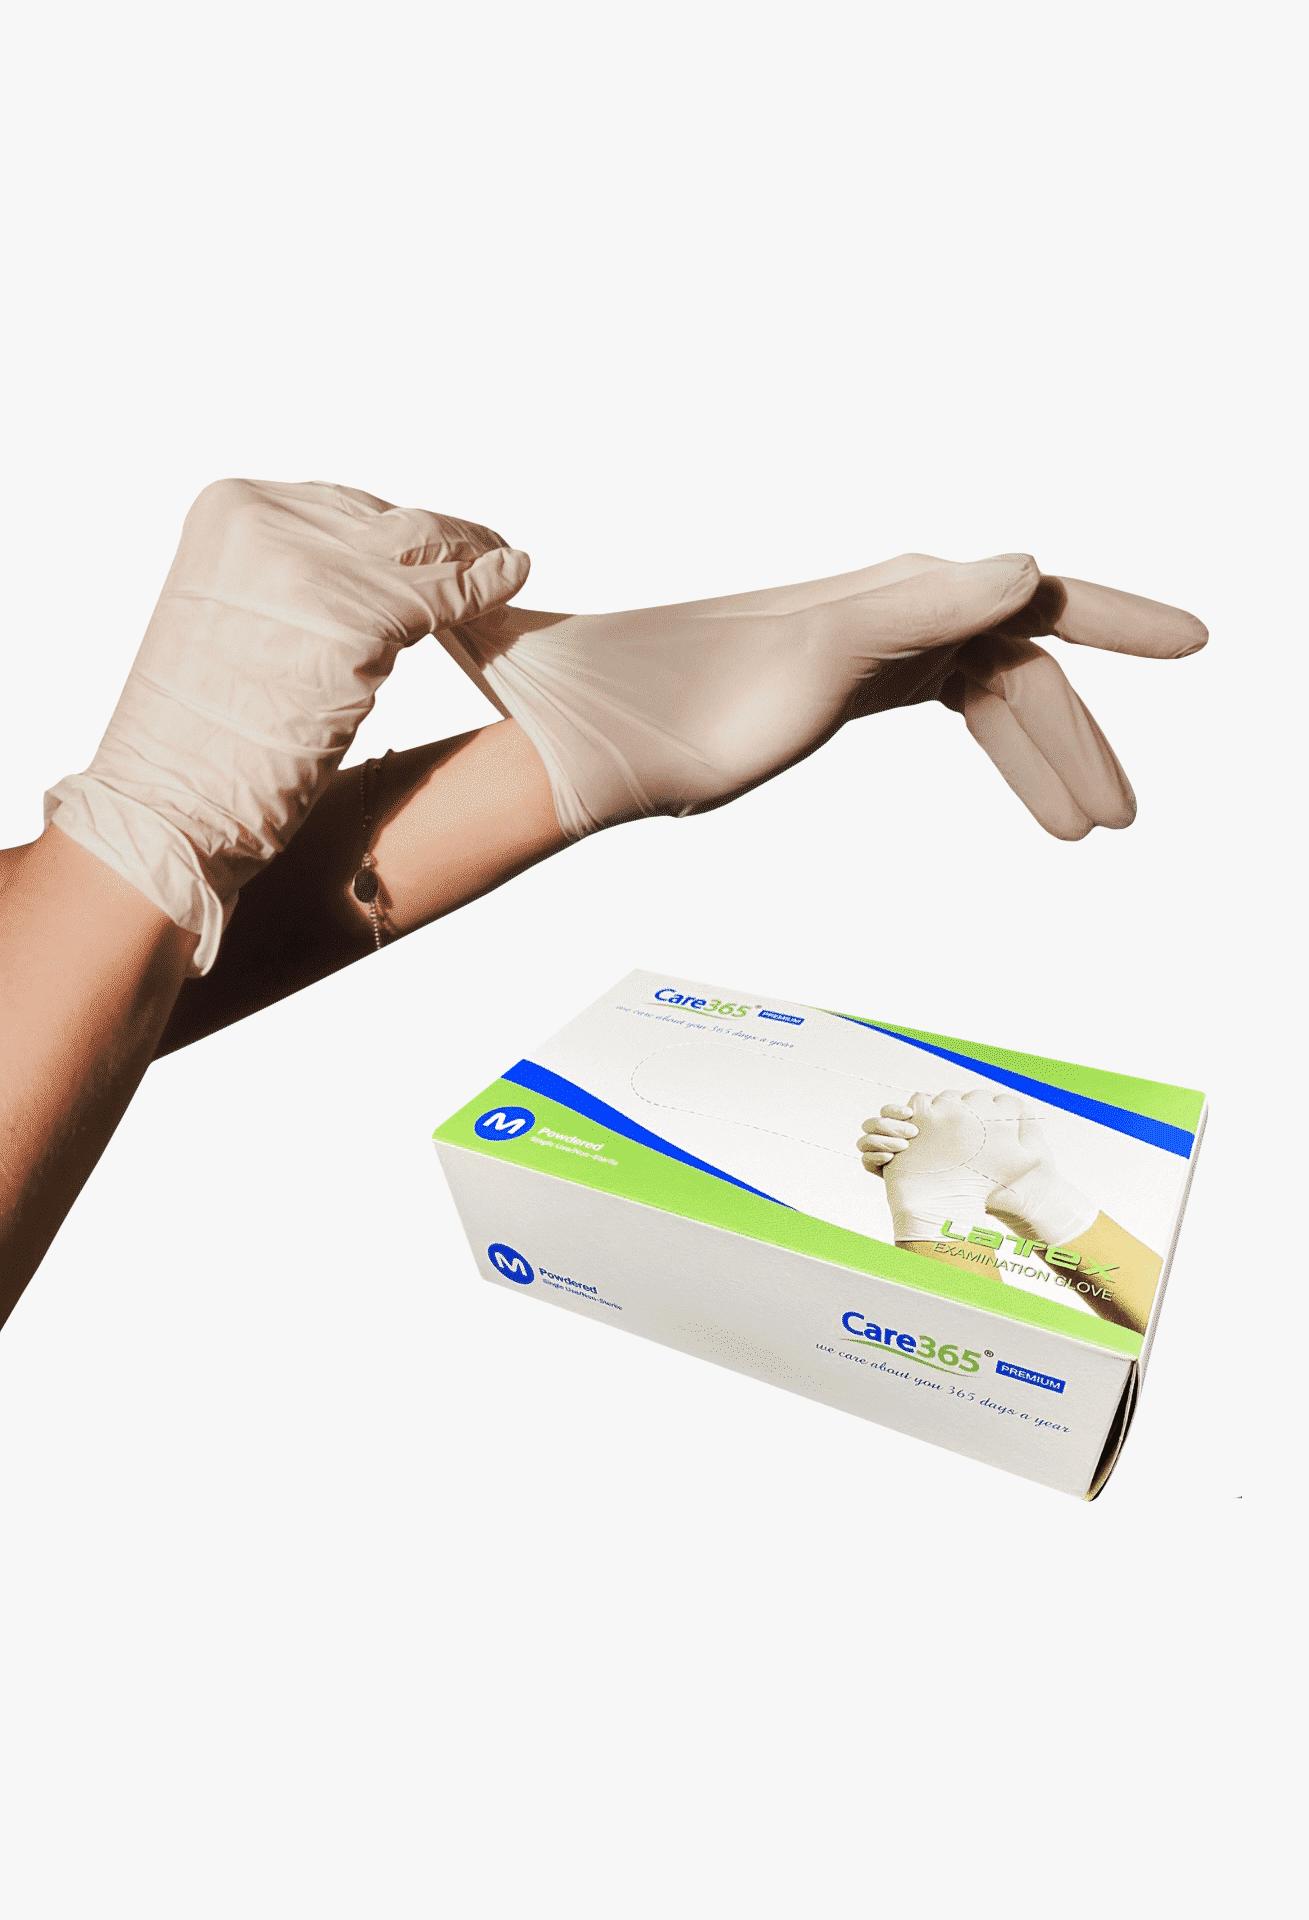 Рукавички латексні опудрені Care 365, L (100шт.)